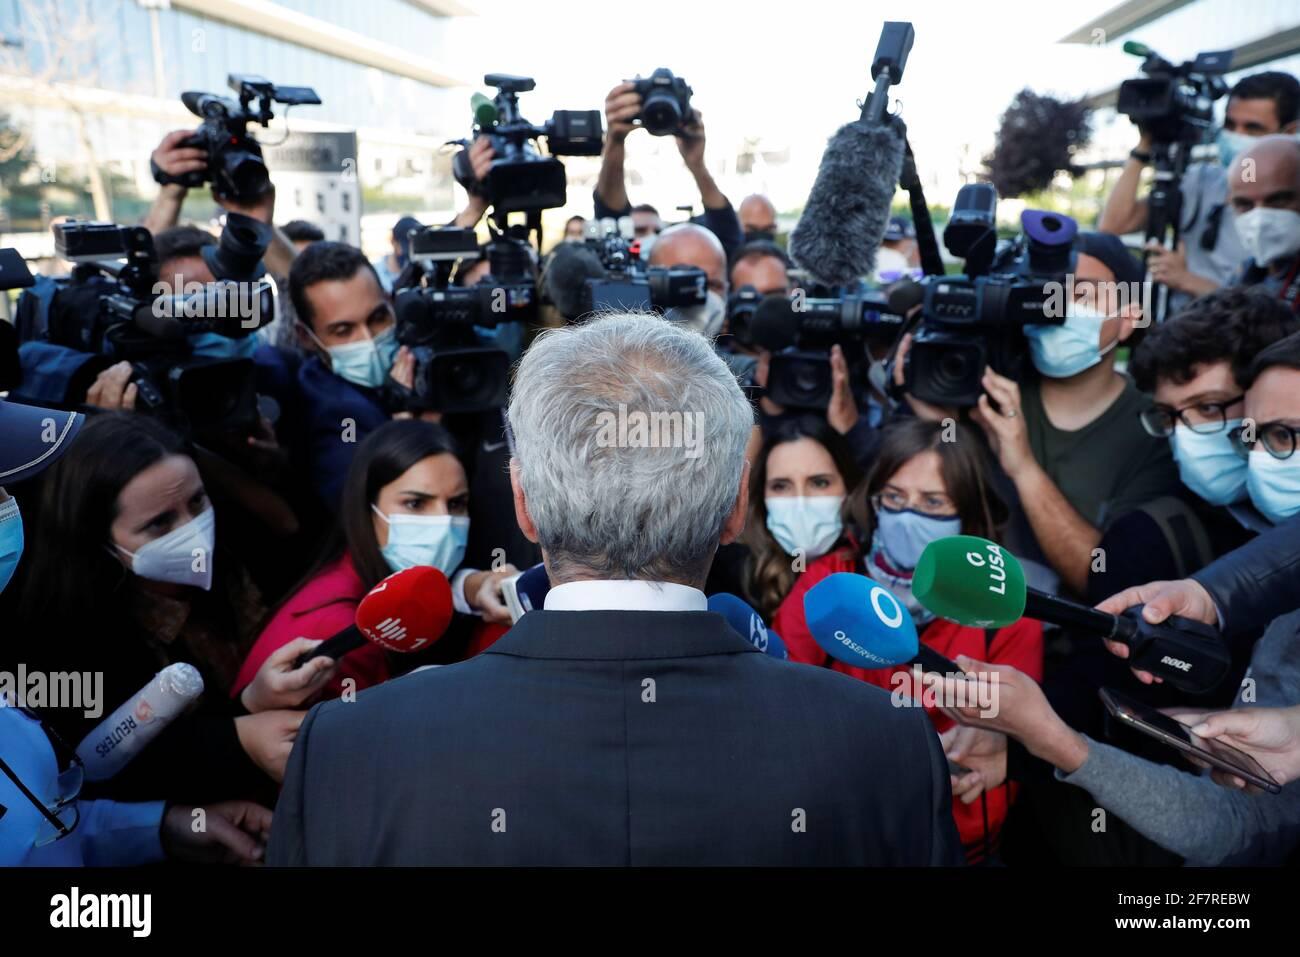 L'ancien Premier ministre portugais José Socrates parle avec les médias alors qu'il quitte le tribunal après avoir entendu la règle selon laquelle il ne sera pas jugé sur des accusations de corruption à Lisbonne, au Portugal, le 9 avril 2021. REUTERS/Pedro Nunes Banque D'Images